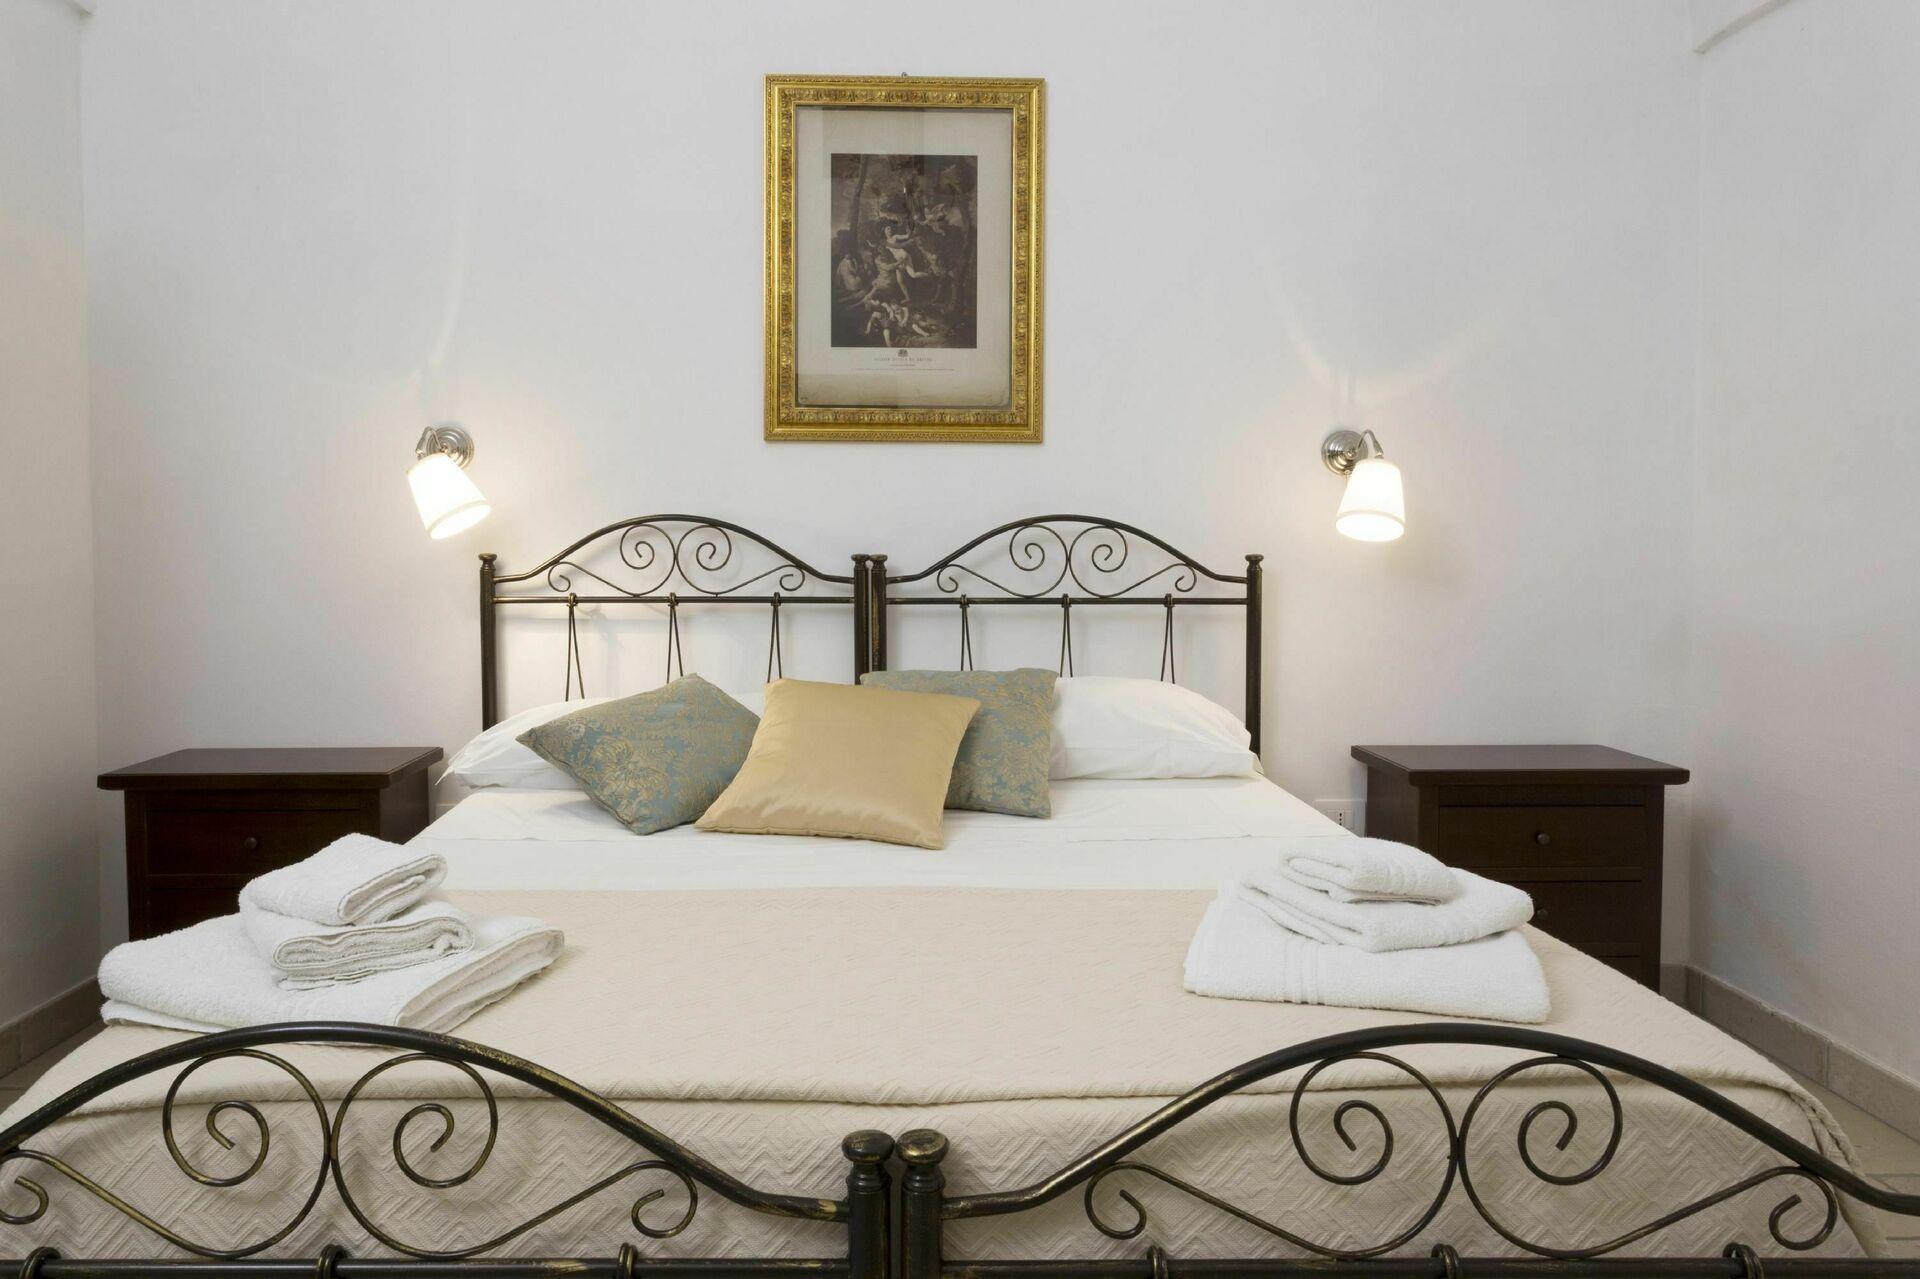 Camere Da Letto Faber.Luxury Faber Pool Appartamento Per Vacanze In Affitto A Racale